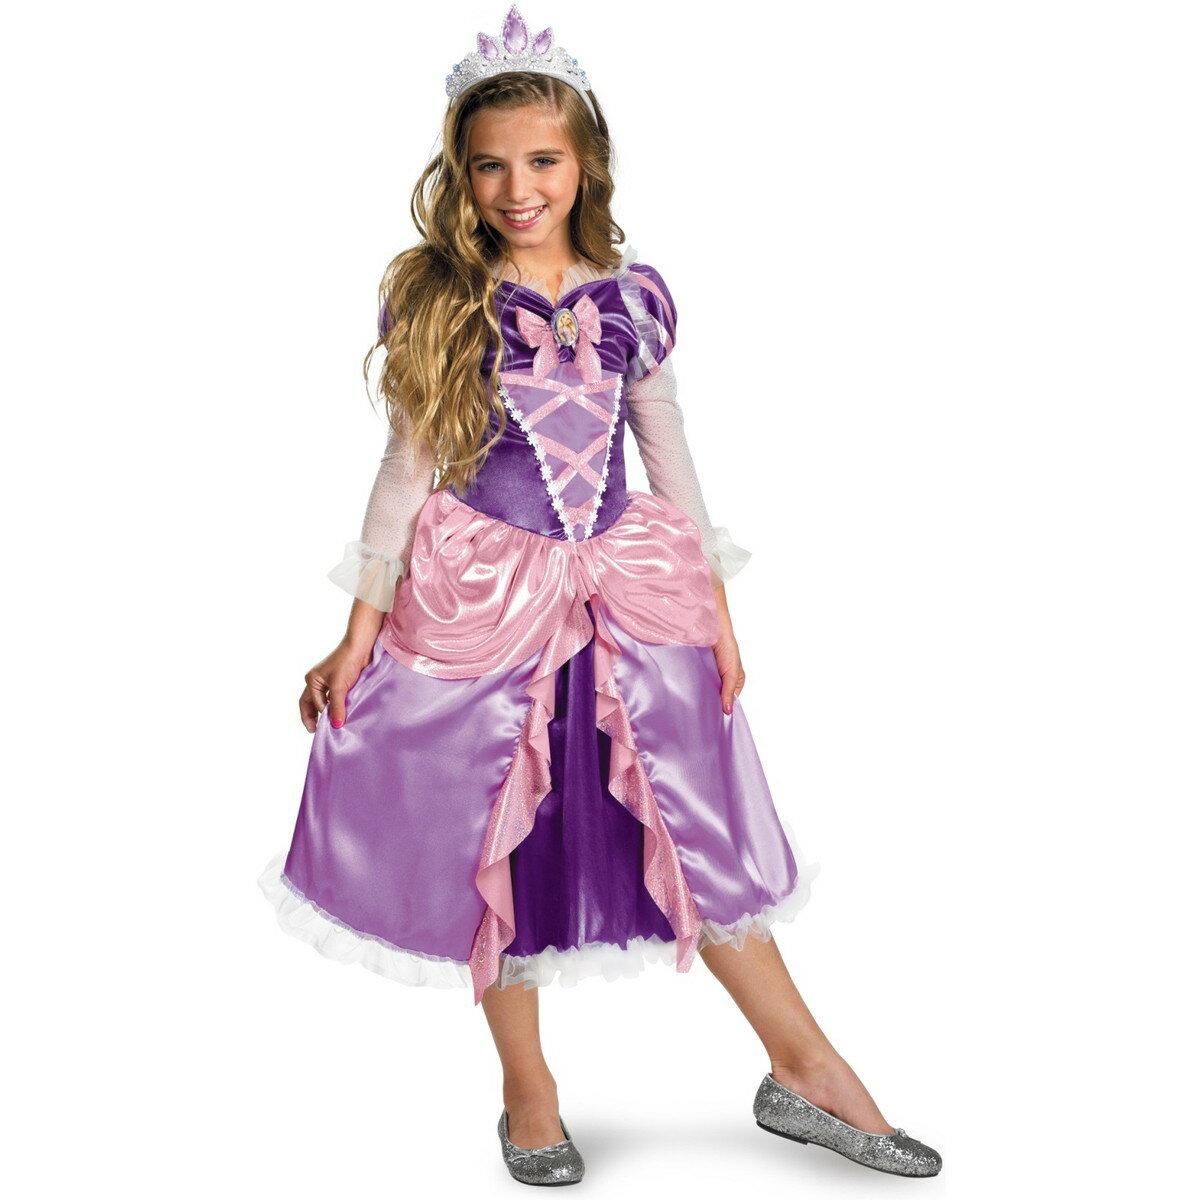 ハロウィン ラプンツェル コスプレ ドレス 子供 女の子 衣装 コスチューム セット あす楽